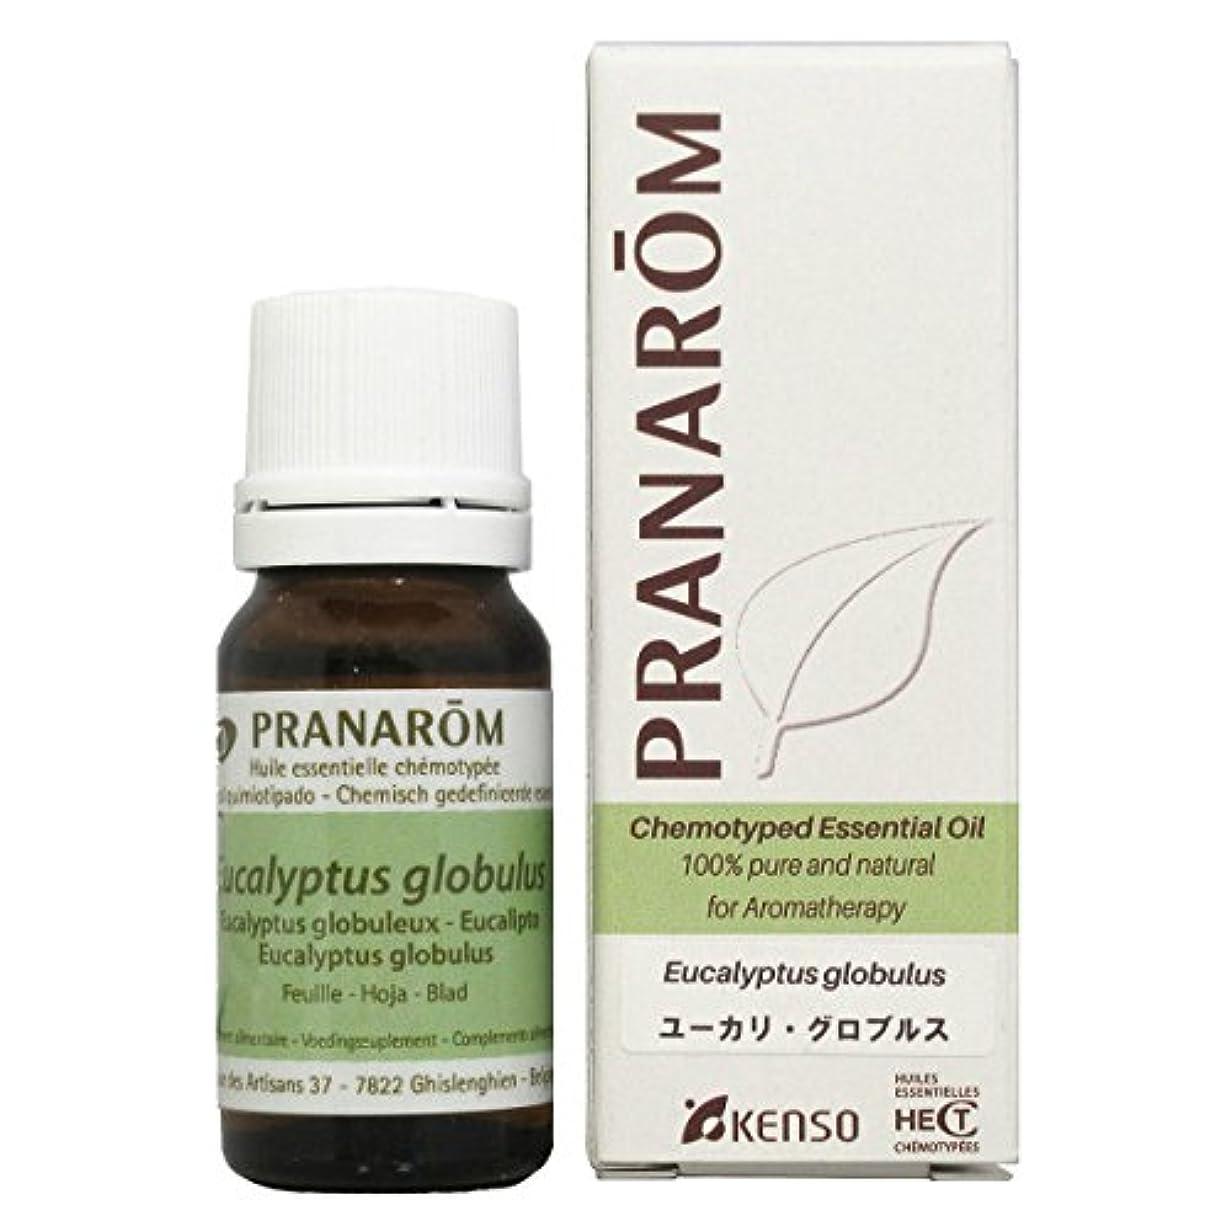 分布以降あいまいなプラナロム ユーカリグロブルス 10ml (PRANAROM ケモタイプ精油)